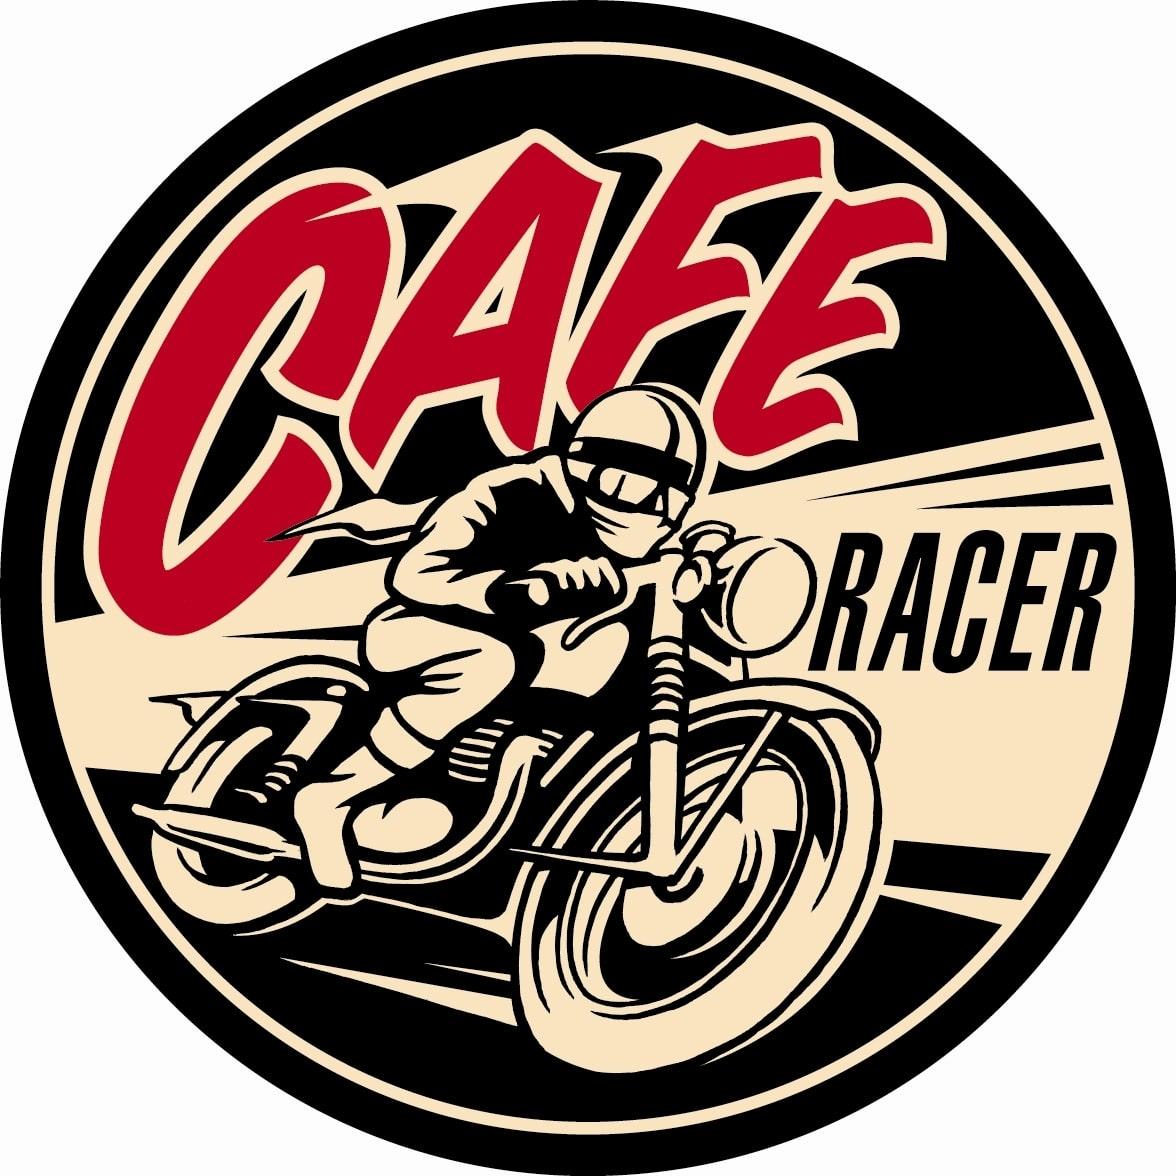 cafe racer logo